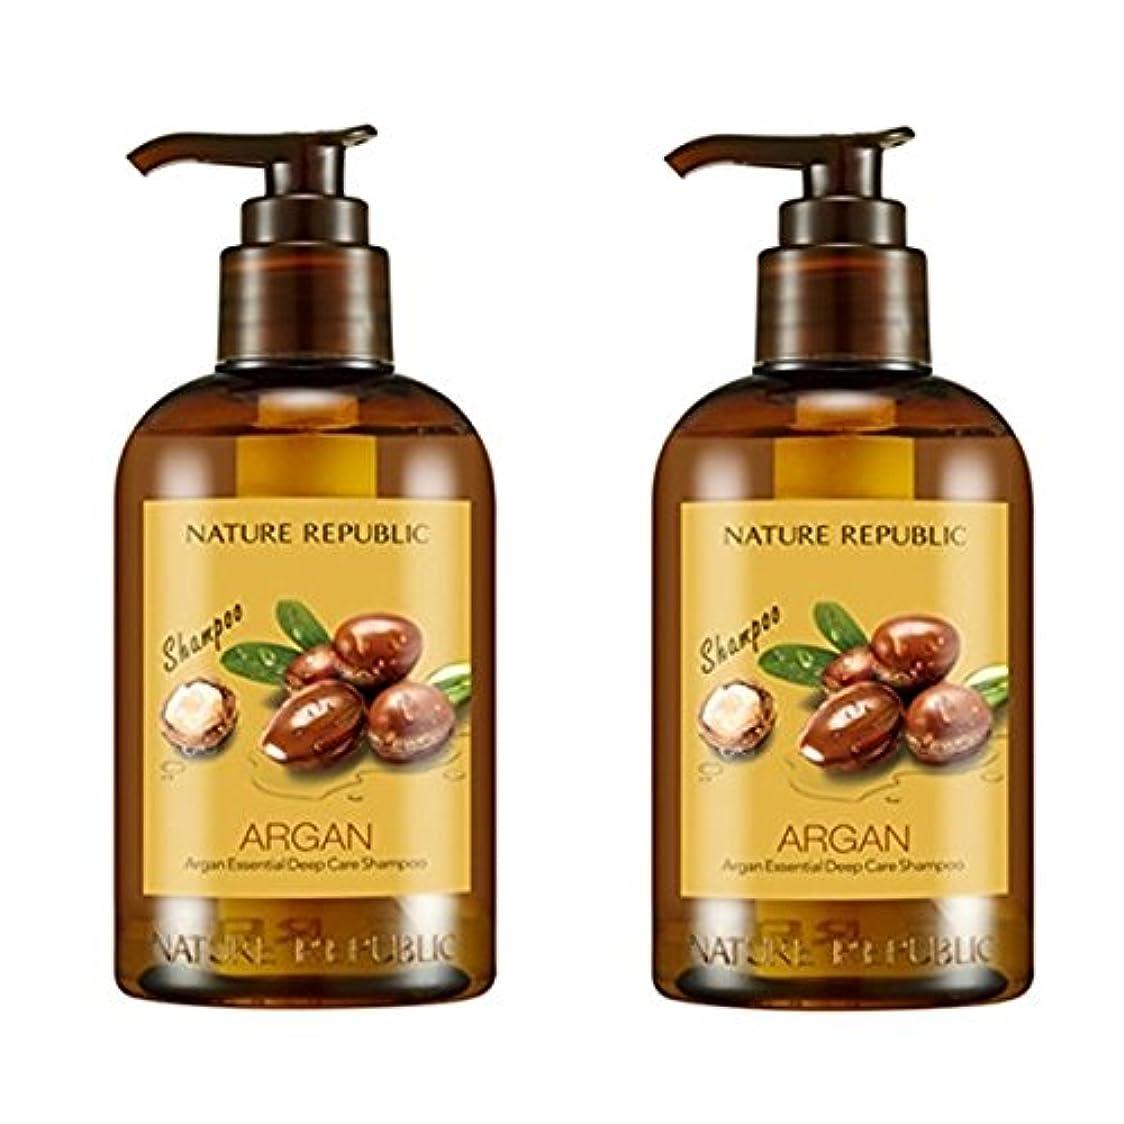 出力キウイコントローラネイチャーリパブリック(NATURE REPUBLIC) アルガン エッセンシャル ディープ ケア シャンプー x 2本 (Argan Essential Deep Care Shampoo x2pcs Set) [並行輸入品]